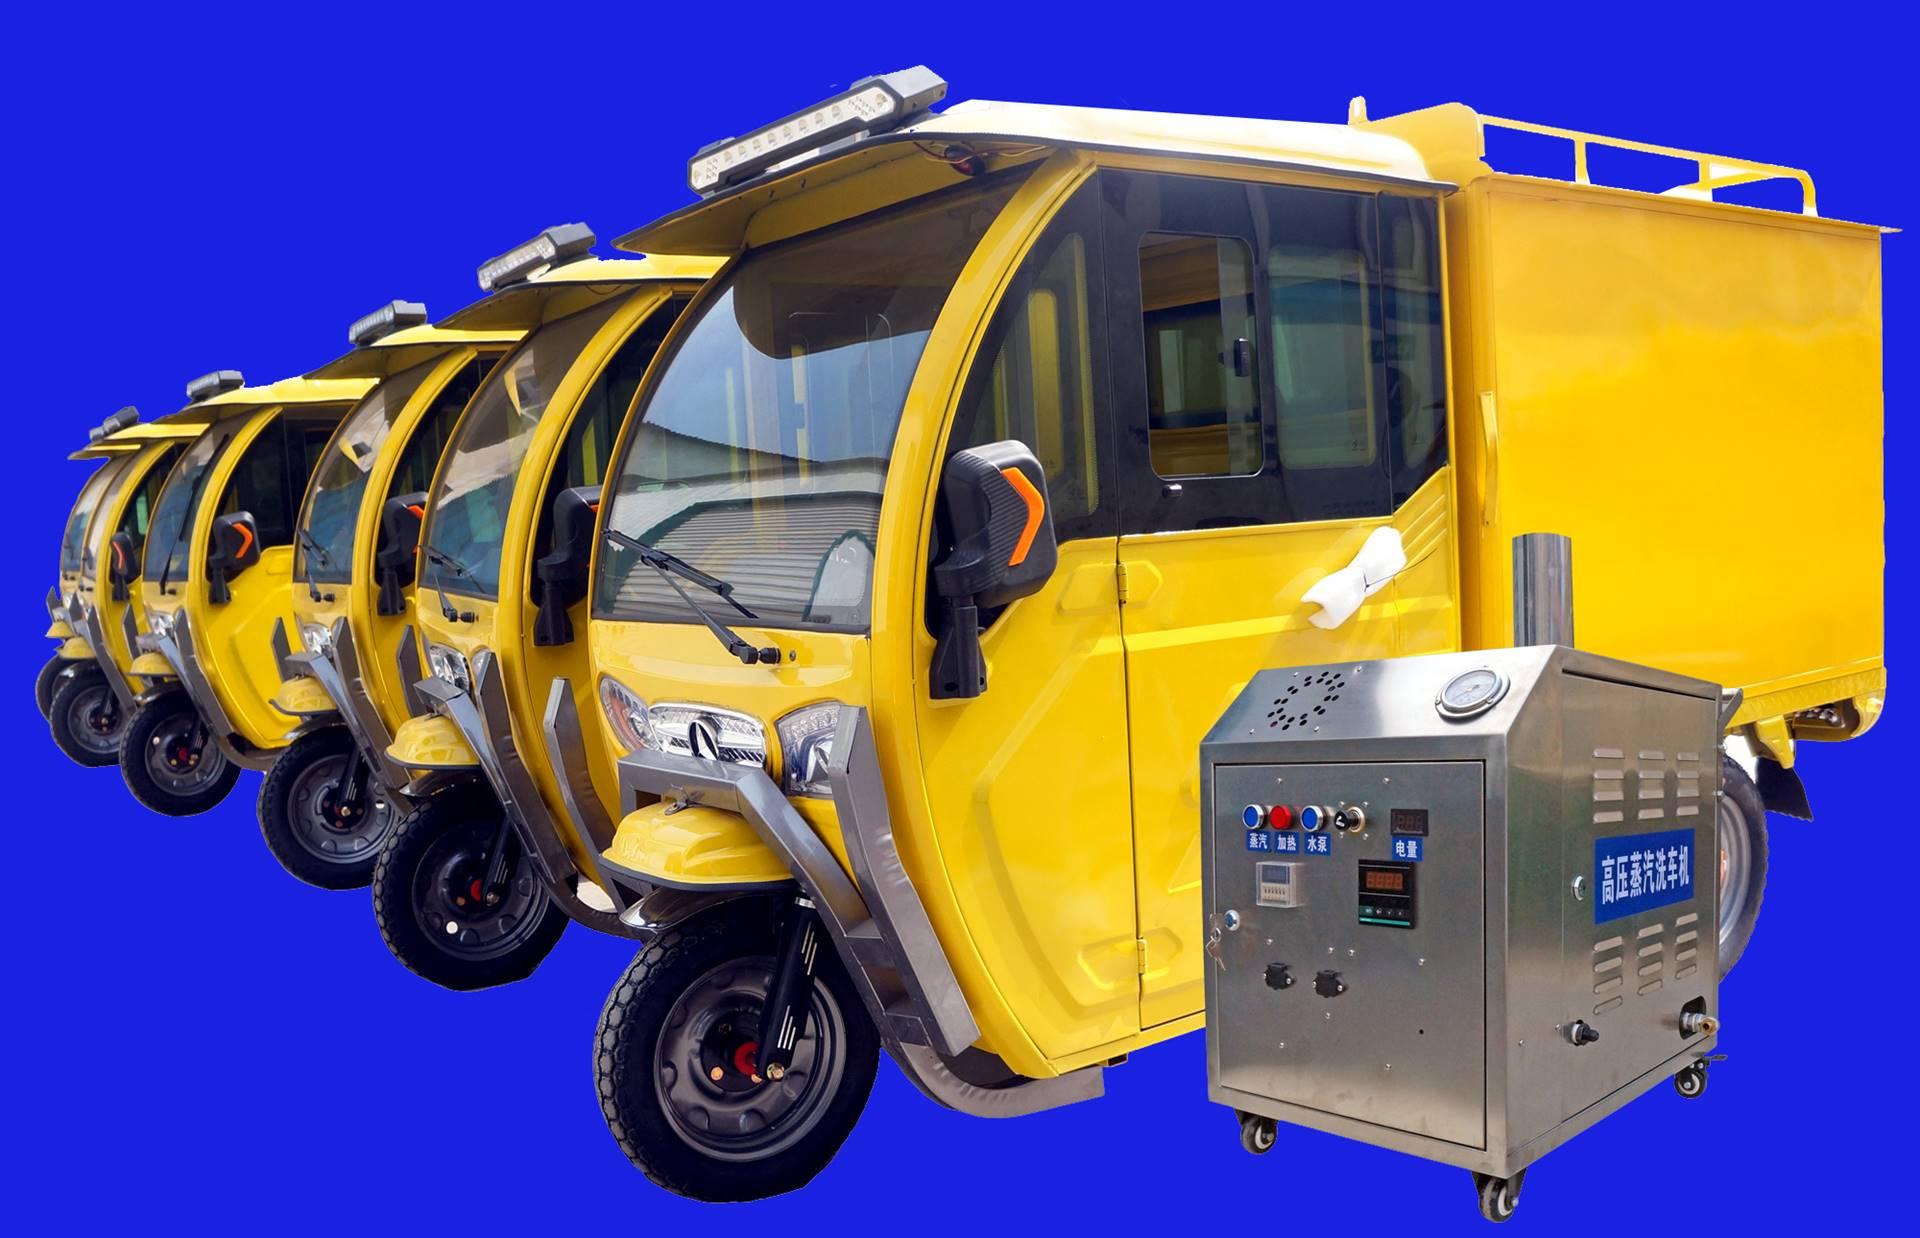 未来移动蒸汽洗车机 必将代替冷水洗车模式